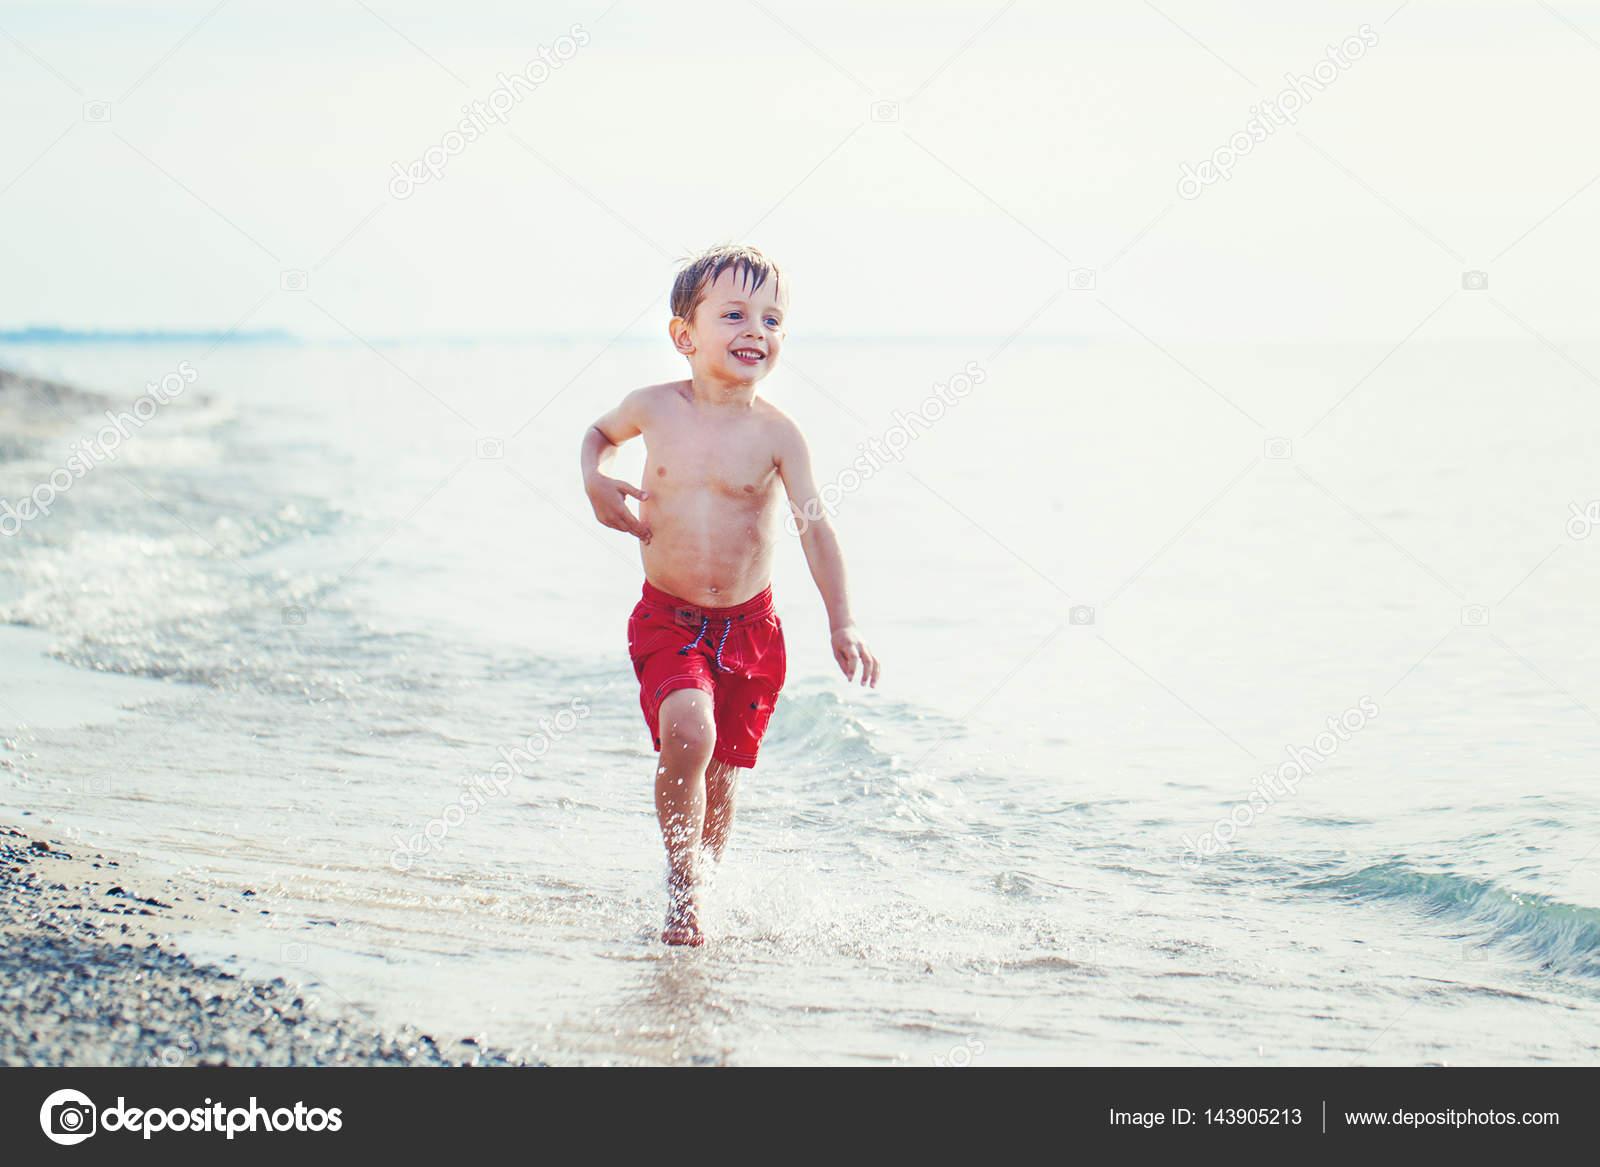 Pantaloncini Da Bagno Ragazzo : Ragazzo in pantaloncini da bagno rosso in esecuzione u foto stock